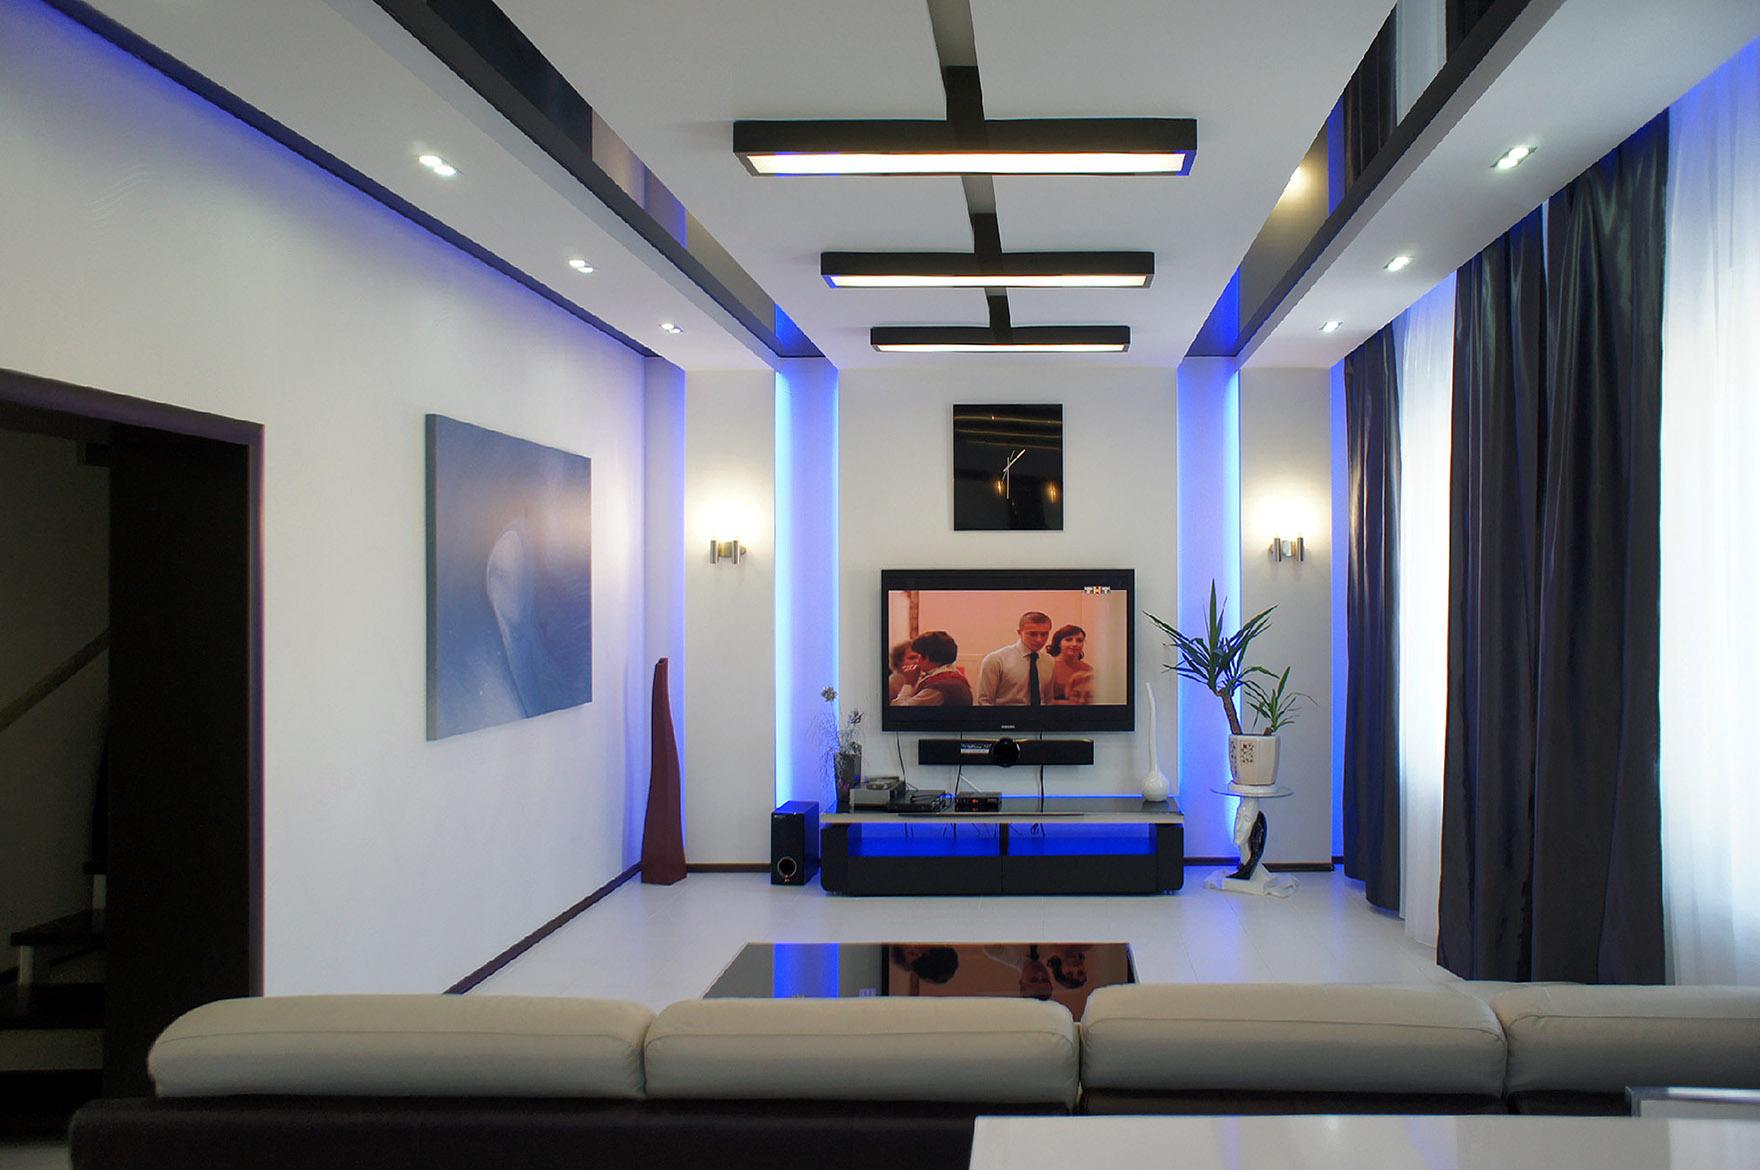 светодиодное освещение комнат в квартире